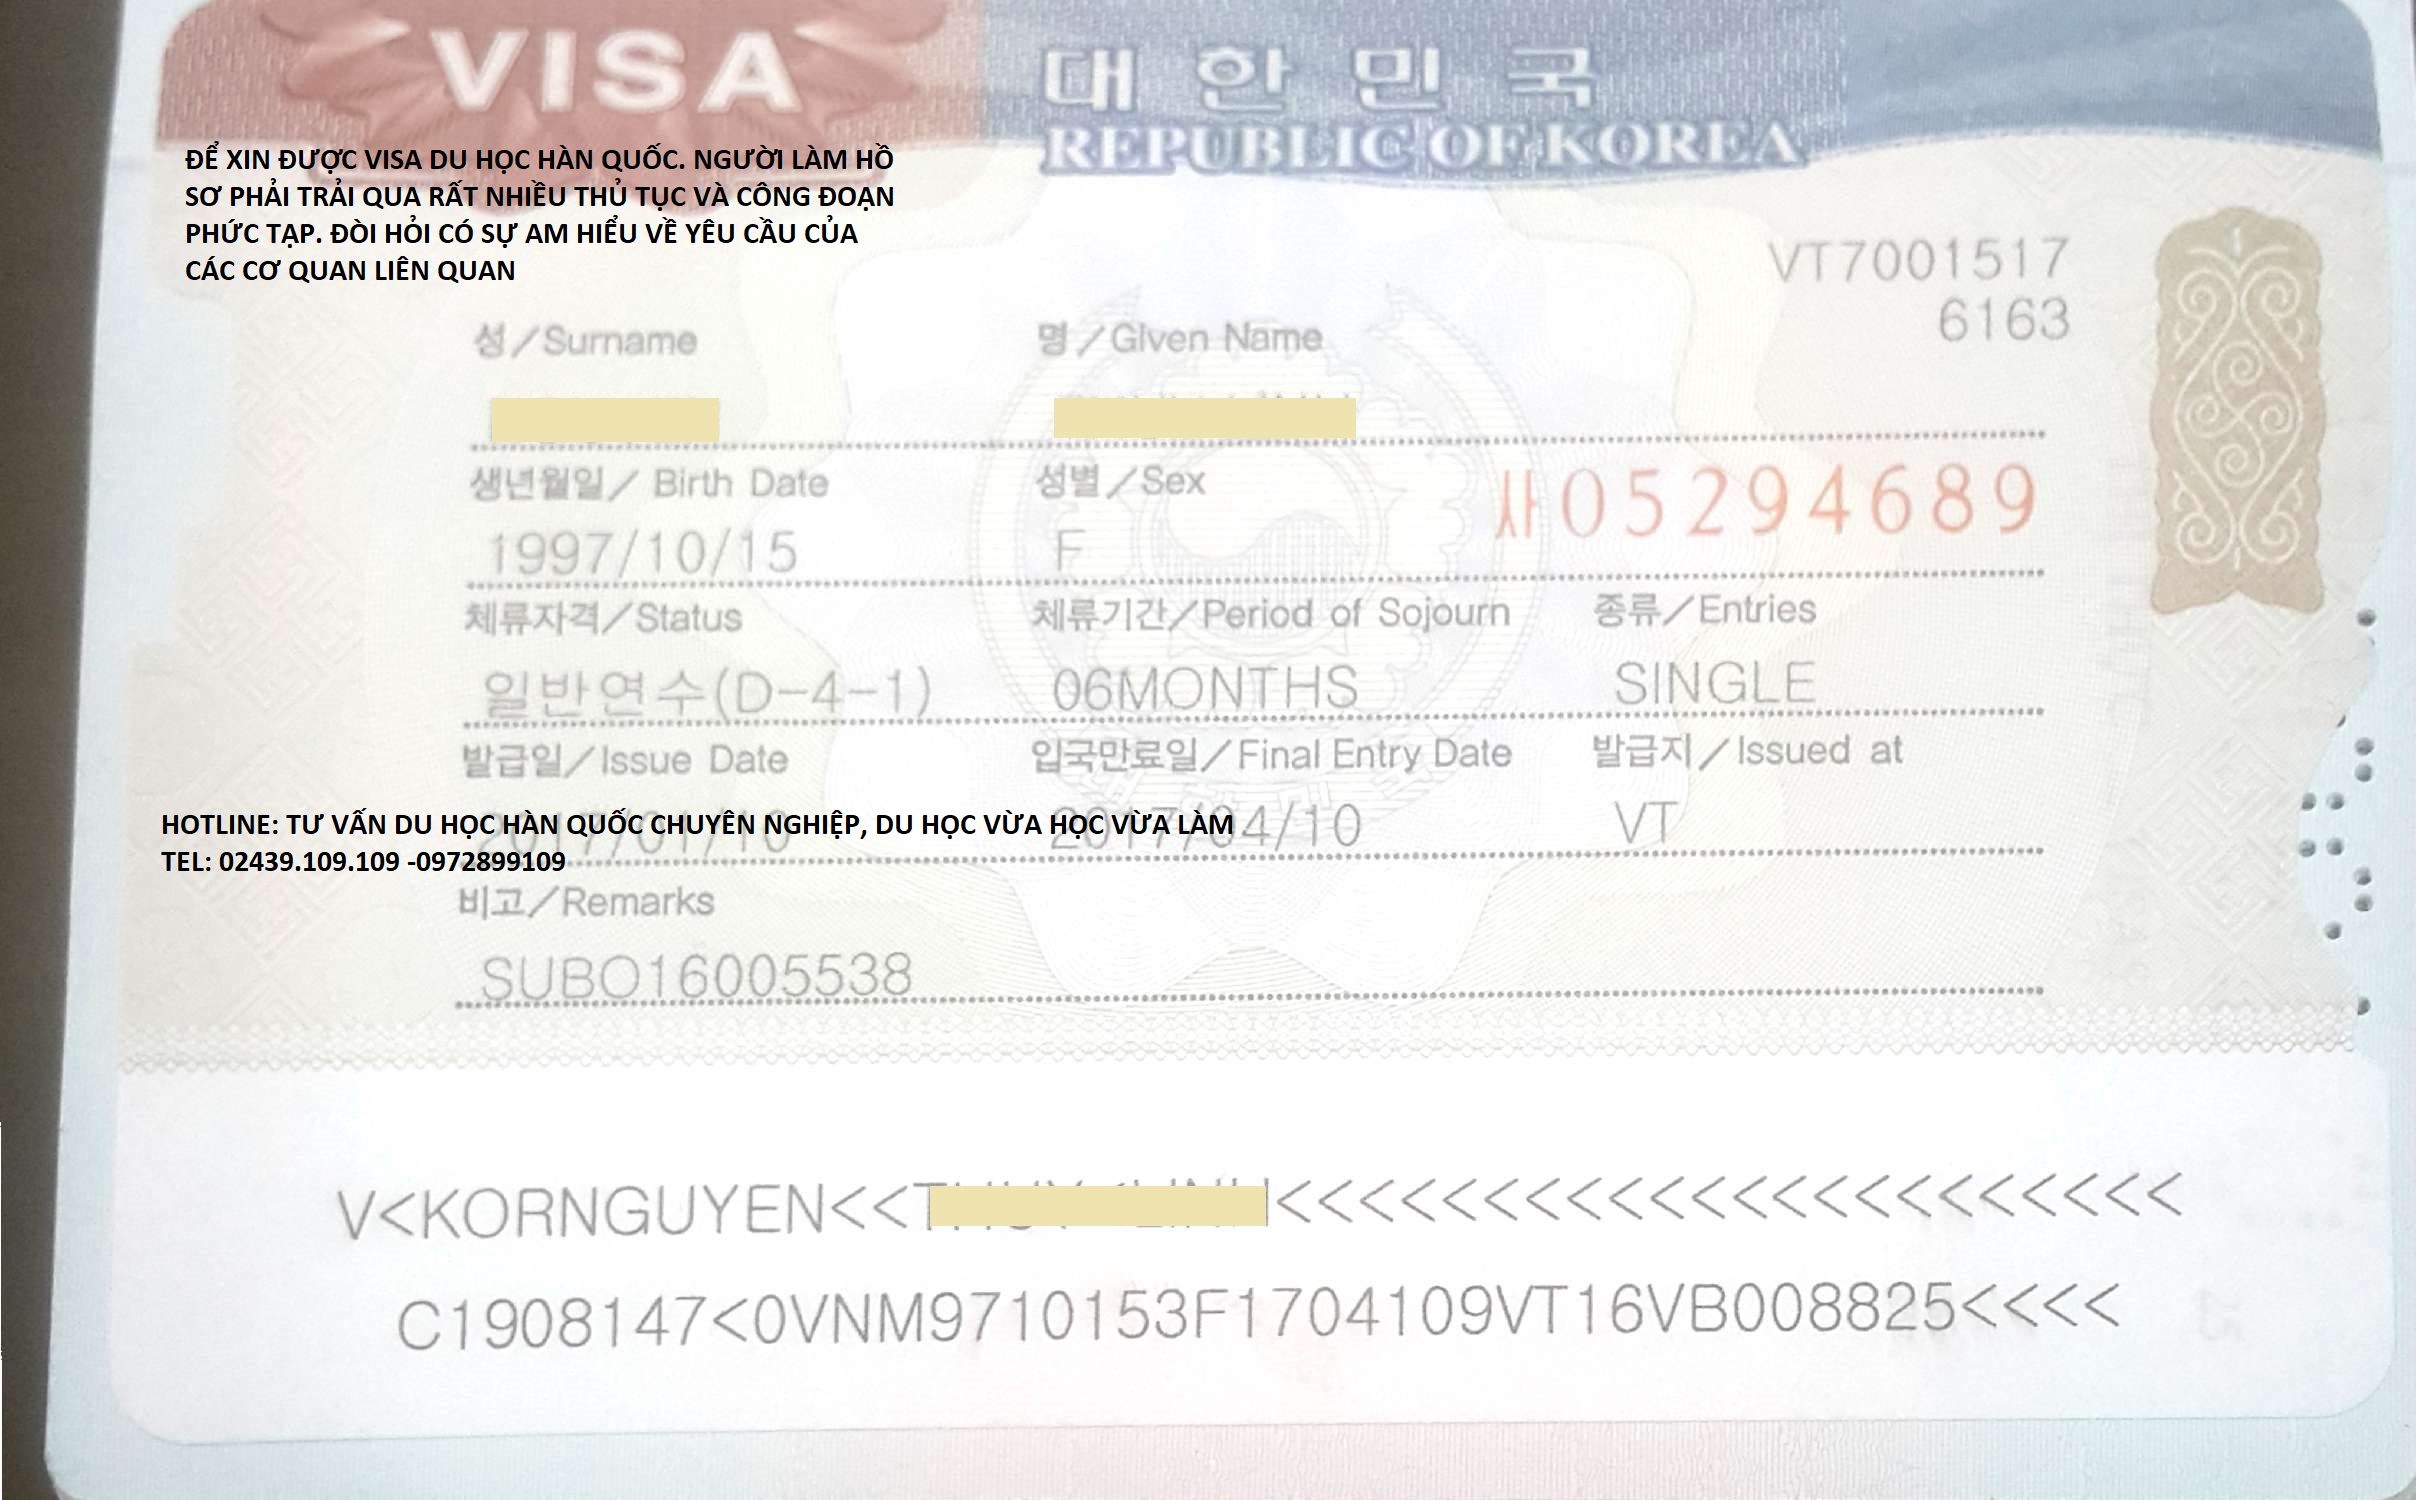 Thủ tục hồ sơ xin visa du học Hàn Quốc